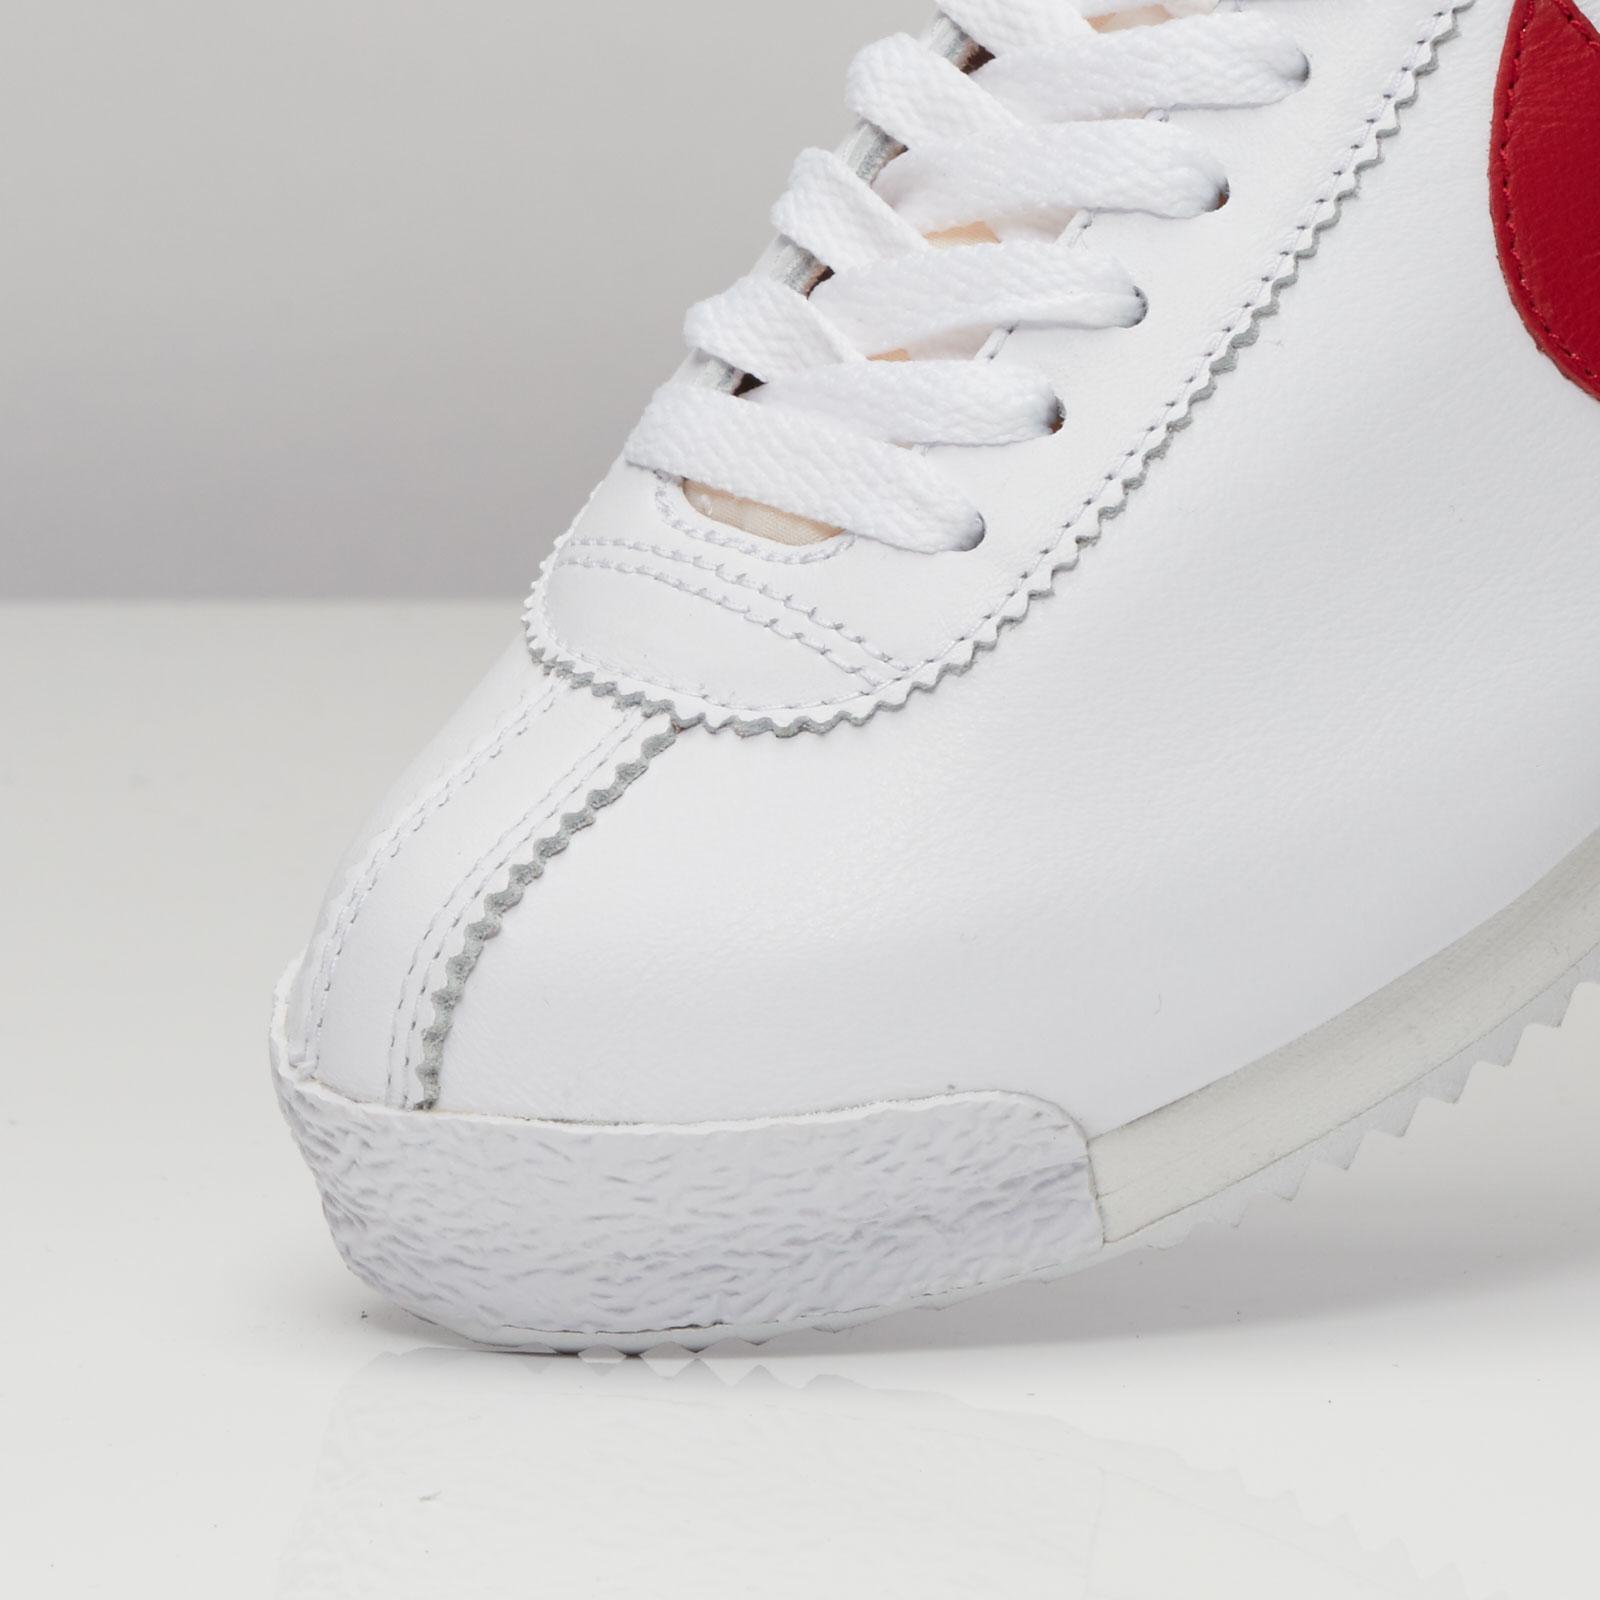 new product 0e856 c3ac2 Nike Wmns Nike Cortez 72 - 847126-101 - Sneakersnstuff   sneakers    streetwear online since 1999